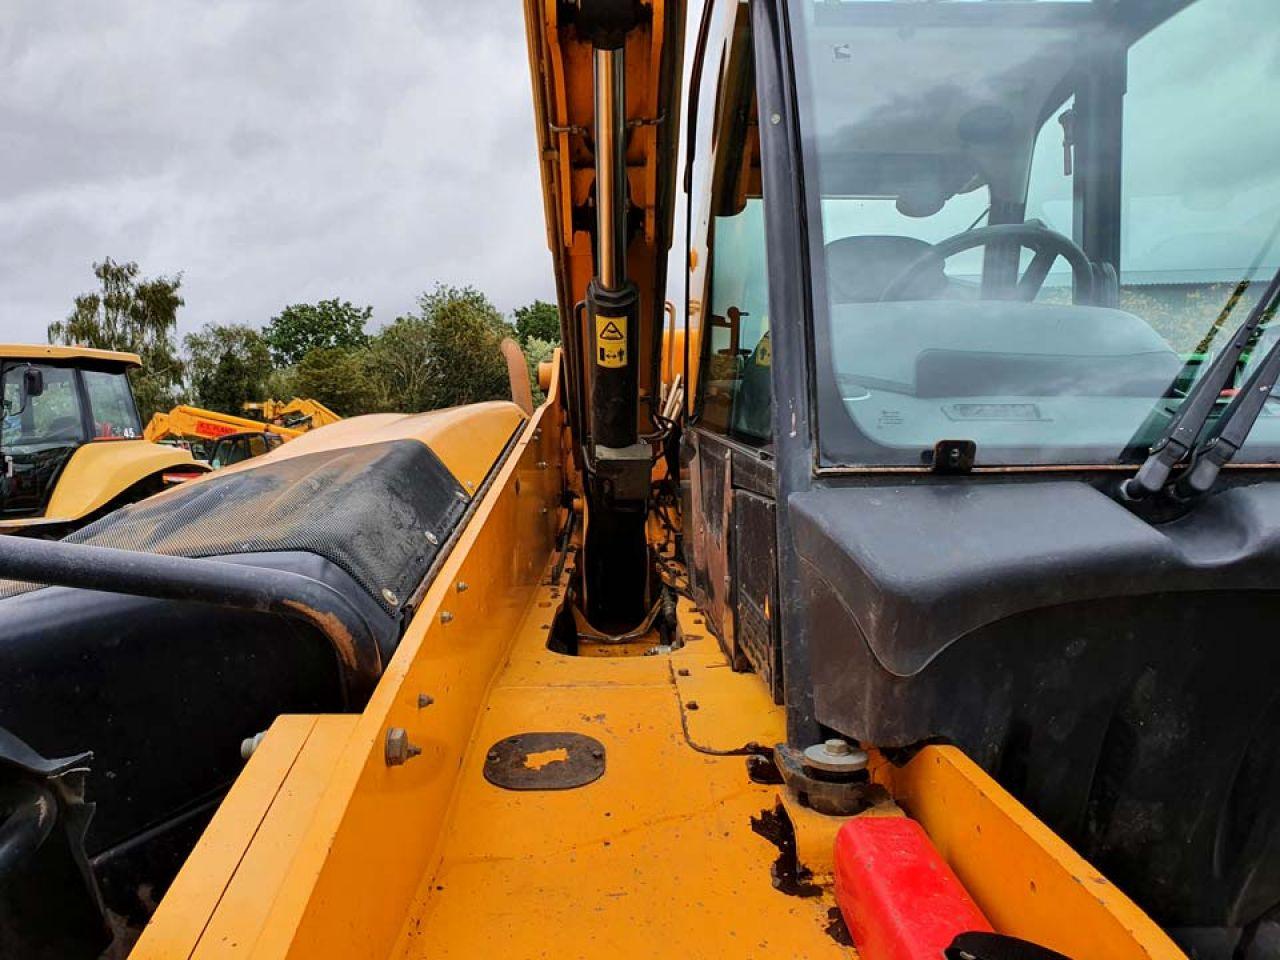 2009 JCB 535-95 AGRI SUPER TELEHANDLER